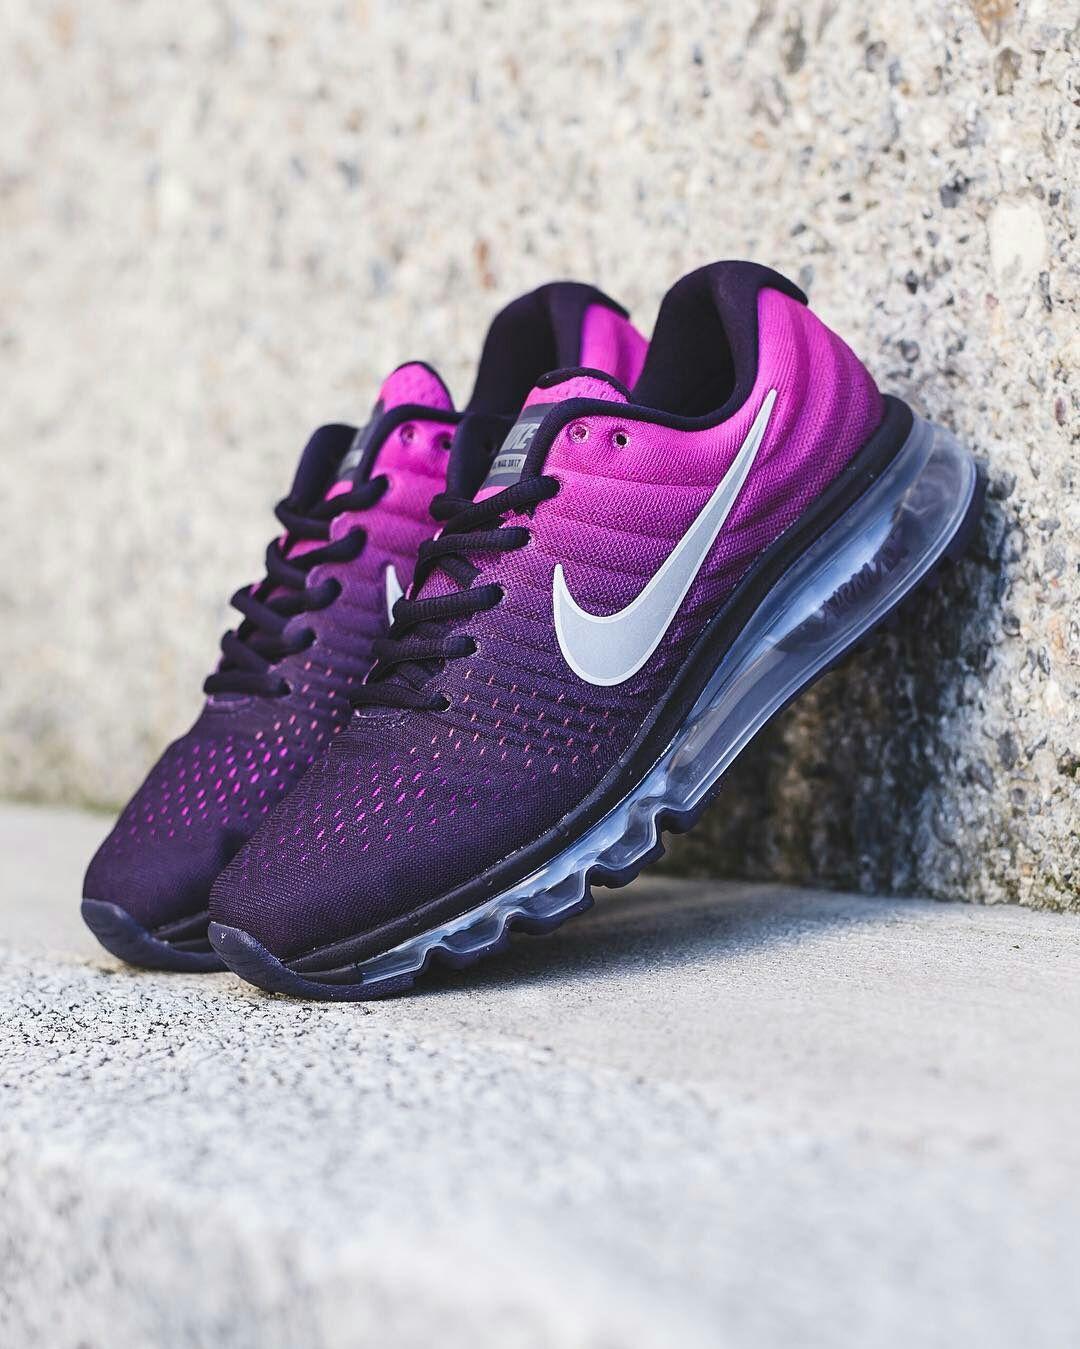 nike run air max 2017 purple